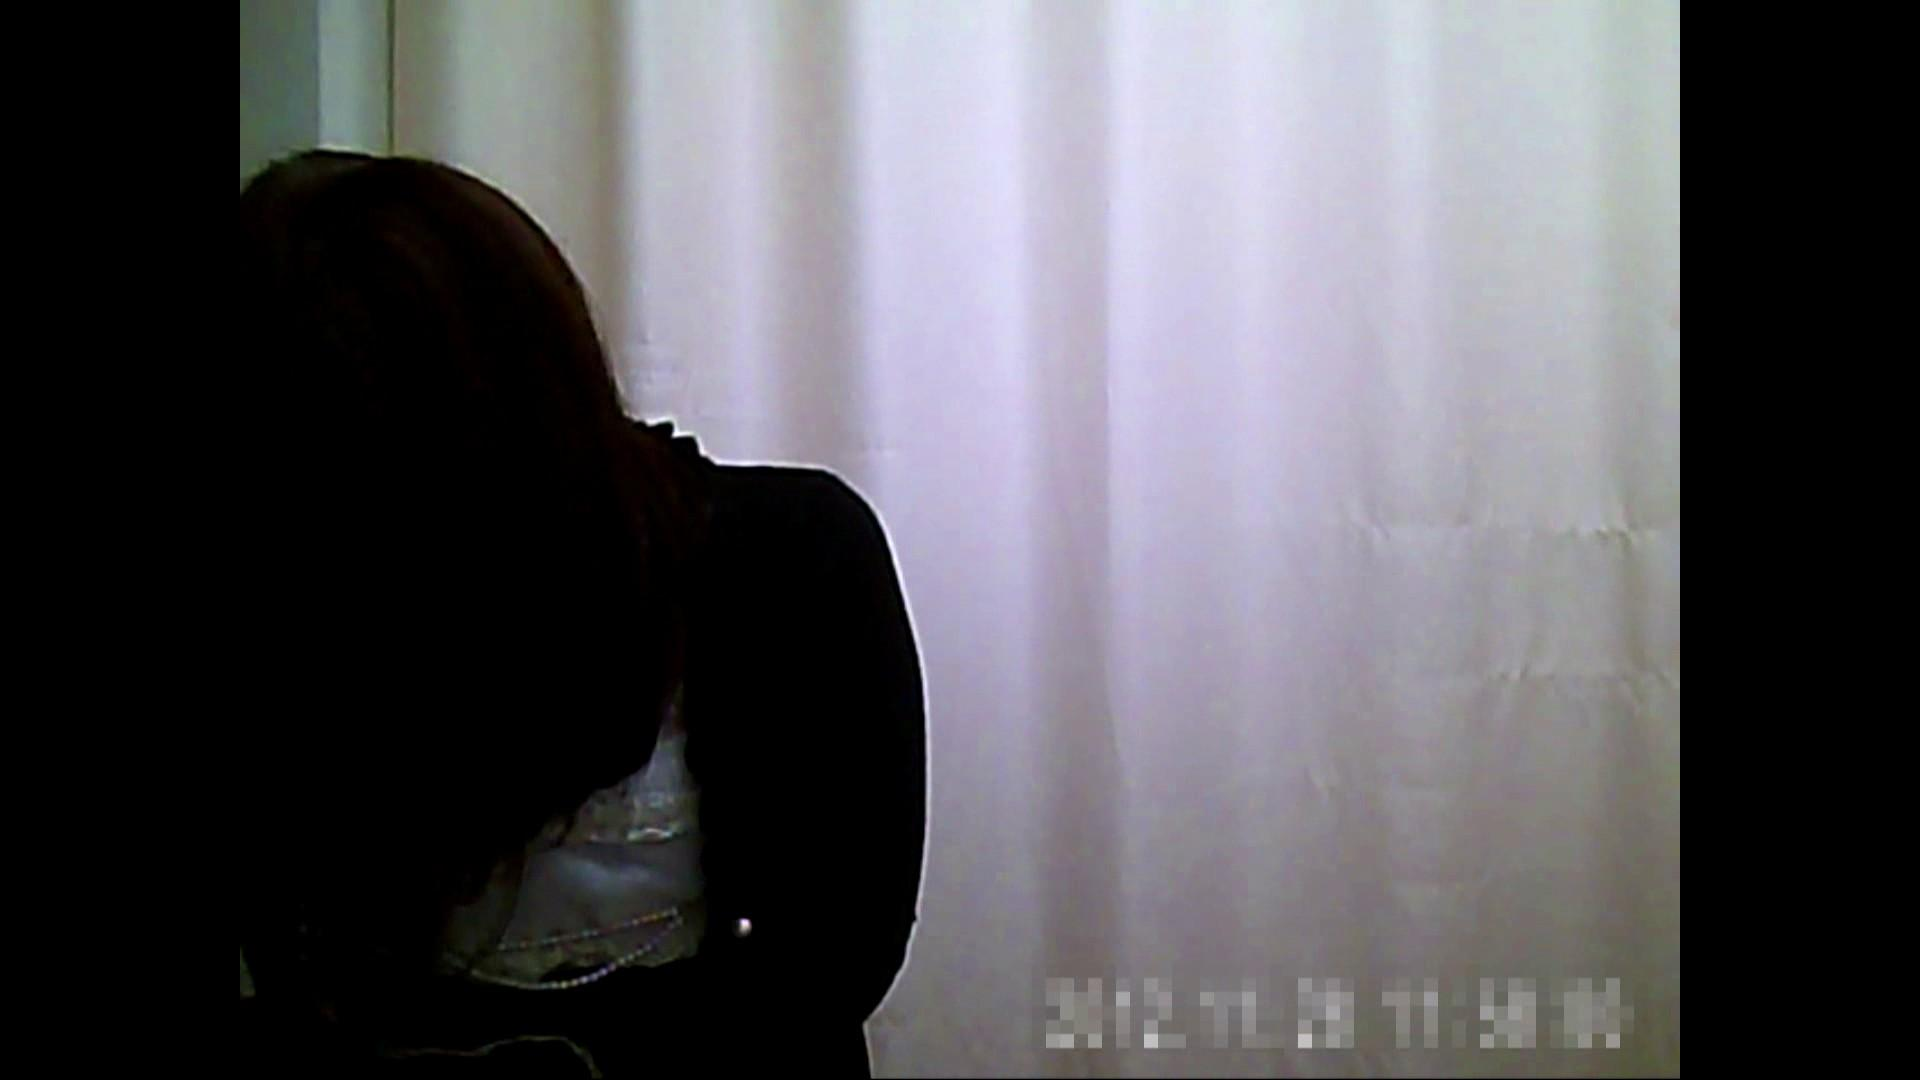 病院おもいっきり着替え! vol.161 乳首ポロリ 盗撮オメコ無修正動画無料 104画像 96